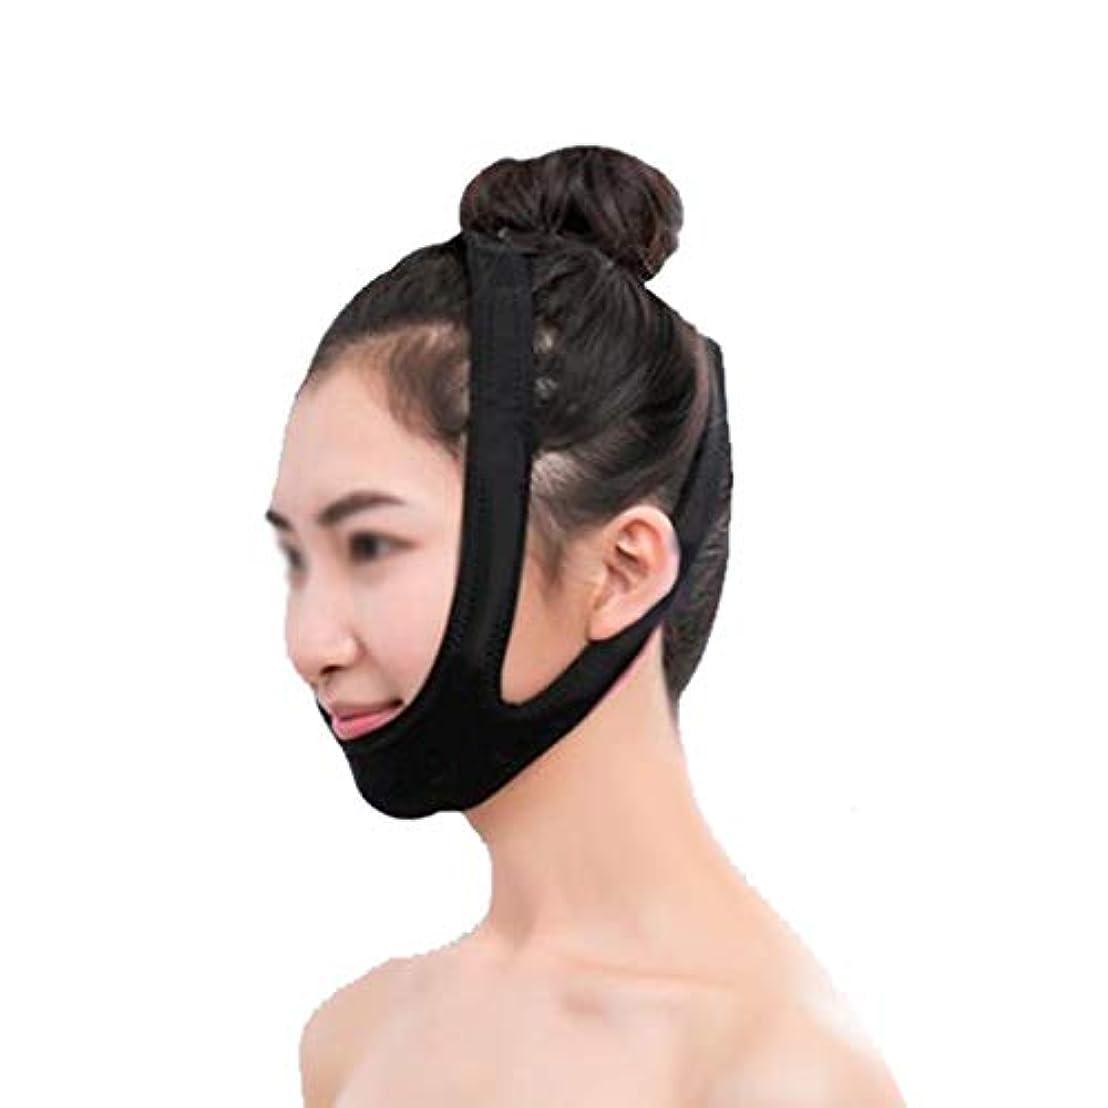 簡潔な日記洋服ZWBD フェイスマスク, 薄いフェイスマスクフェイスリフトアーティファクトマスクVフェイスリフティングタイトな包帯女性ライン彫刻回復顔ダブル